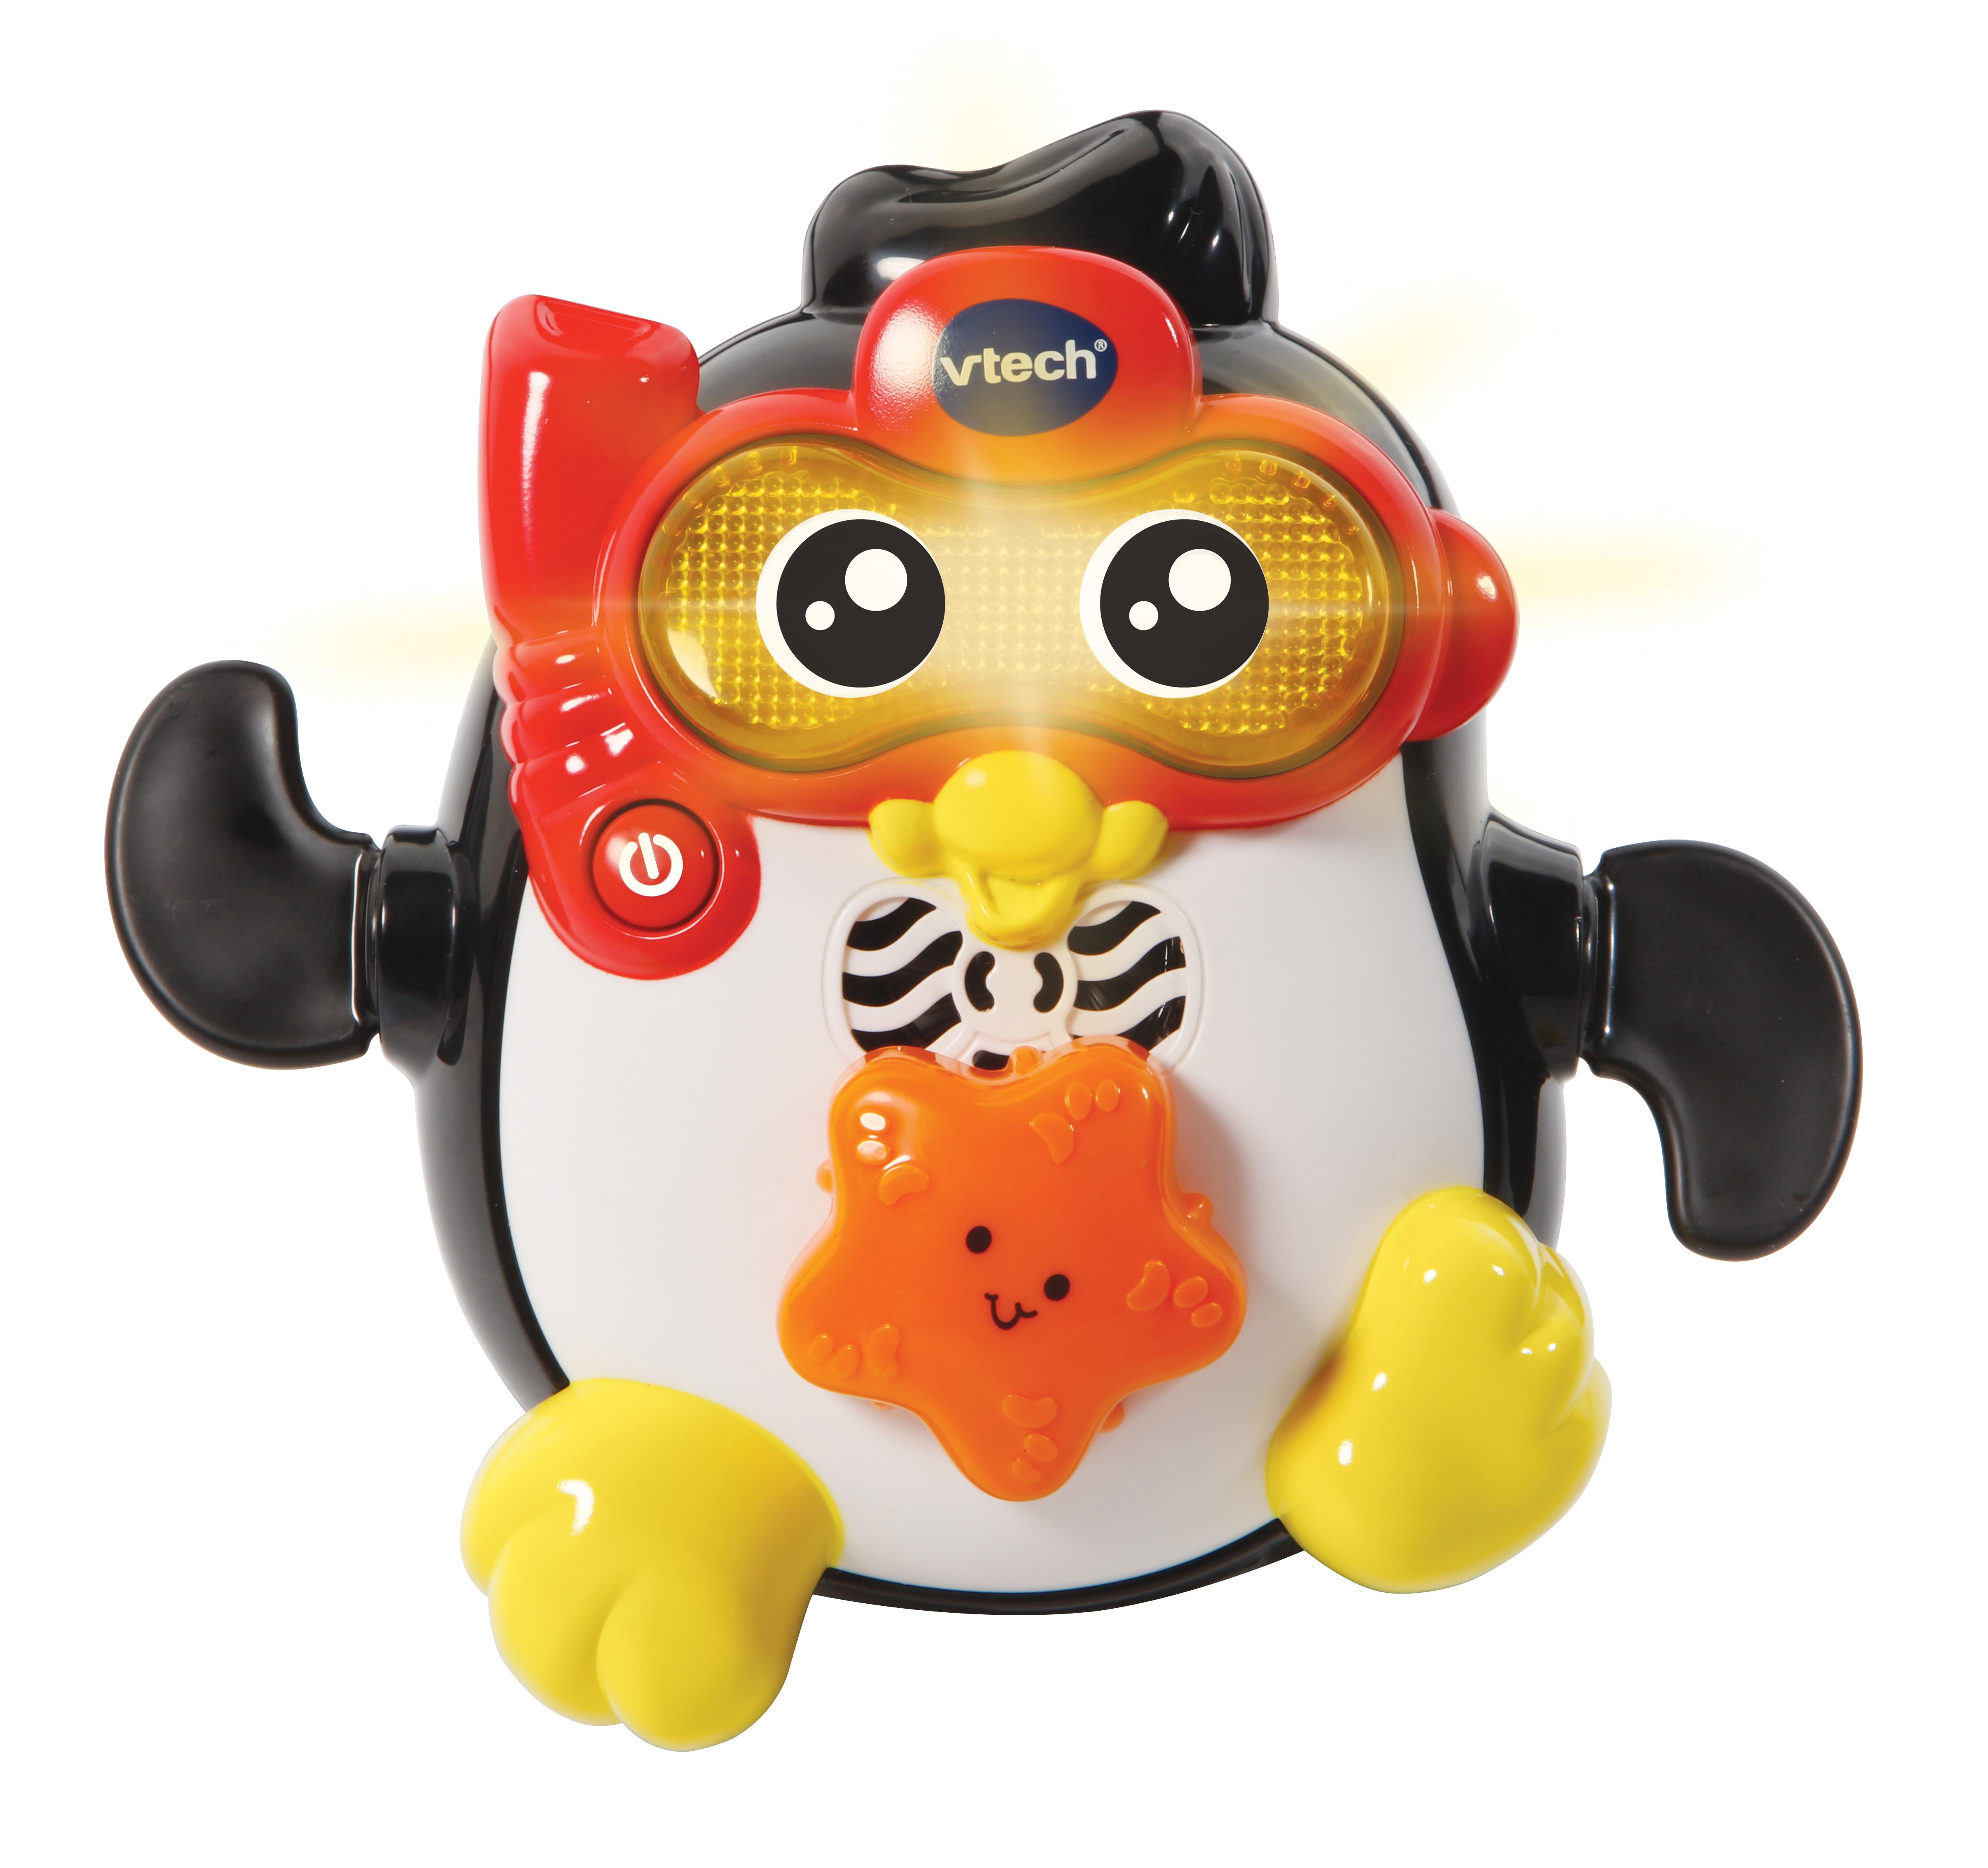 VTech Spetterpret Pinguïn Ragazzo/Ragazza giocattolo educativo